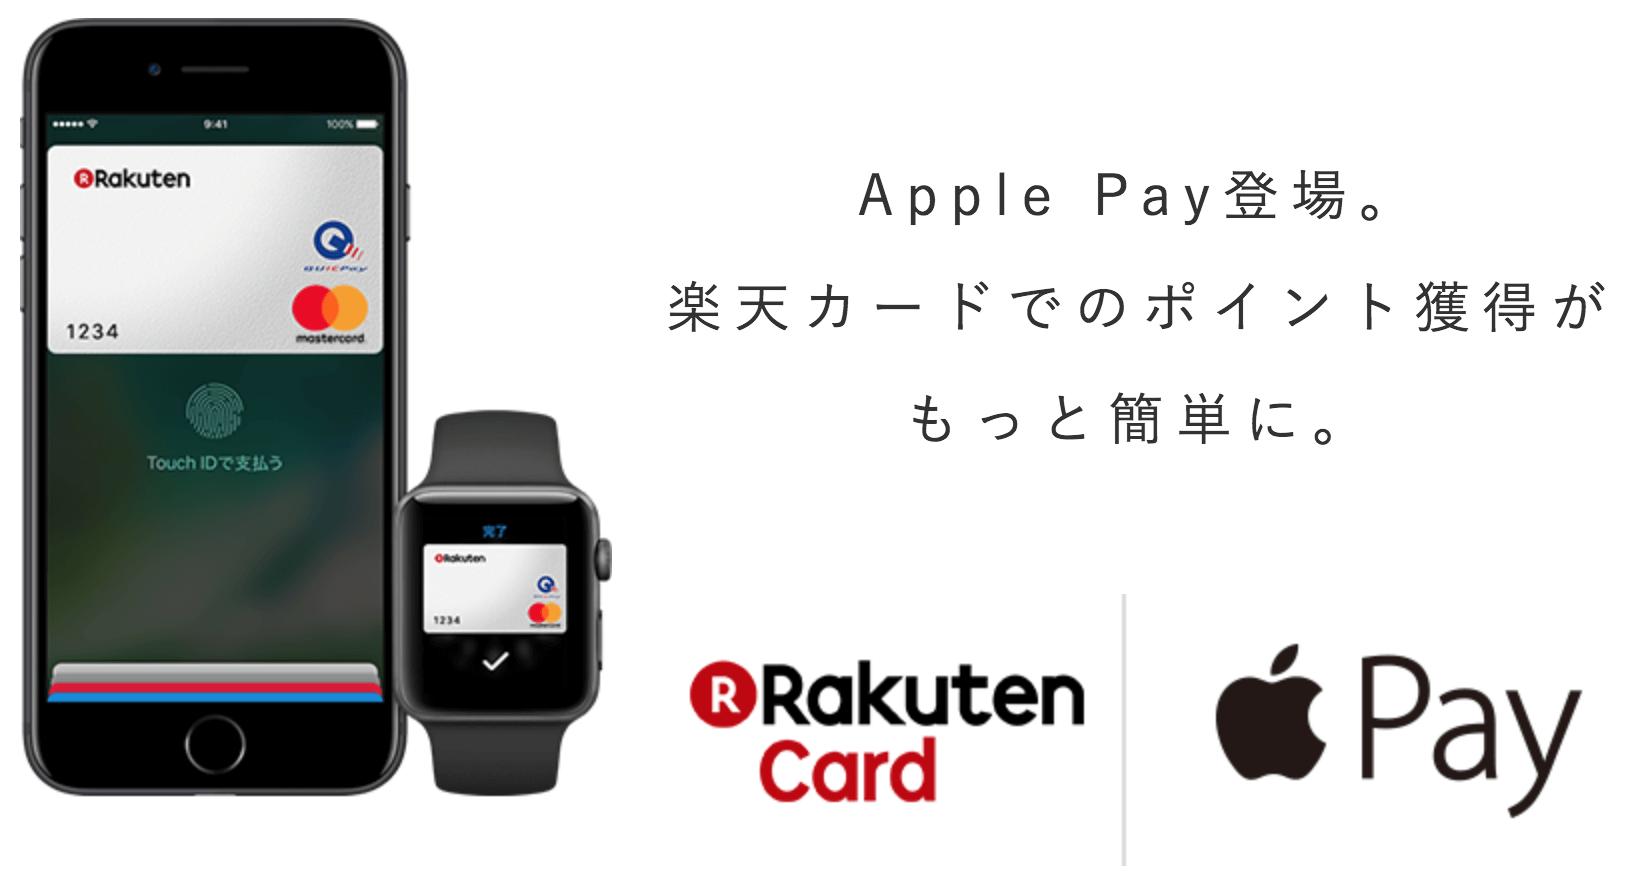 楽天ゴールドカードはApple Payに対応